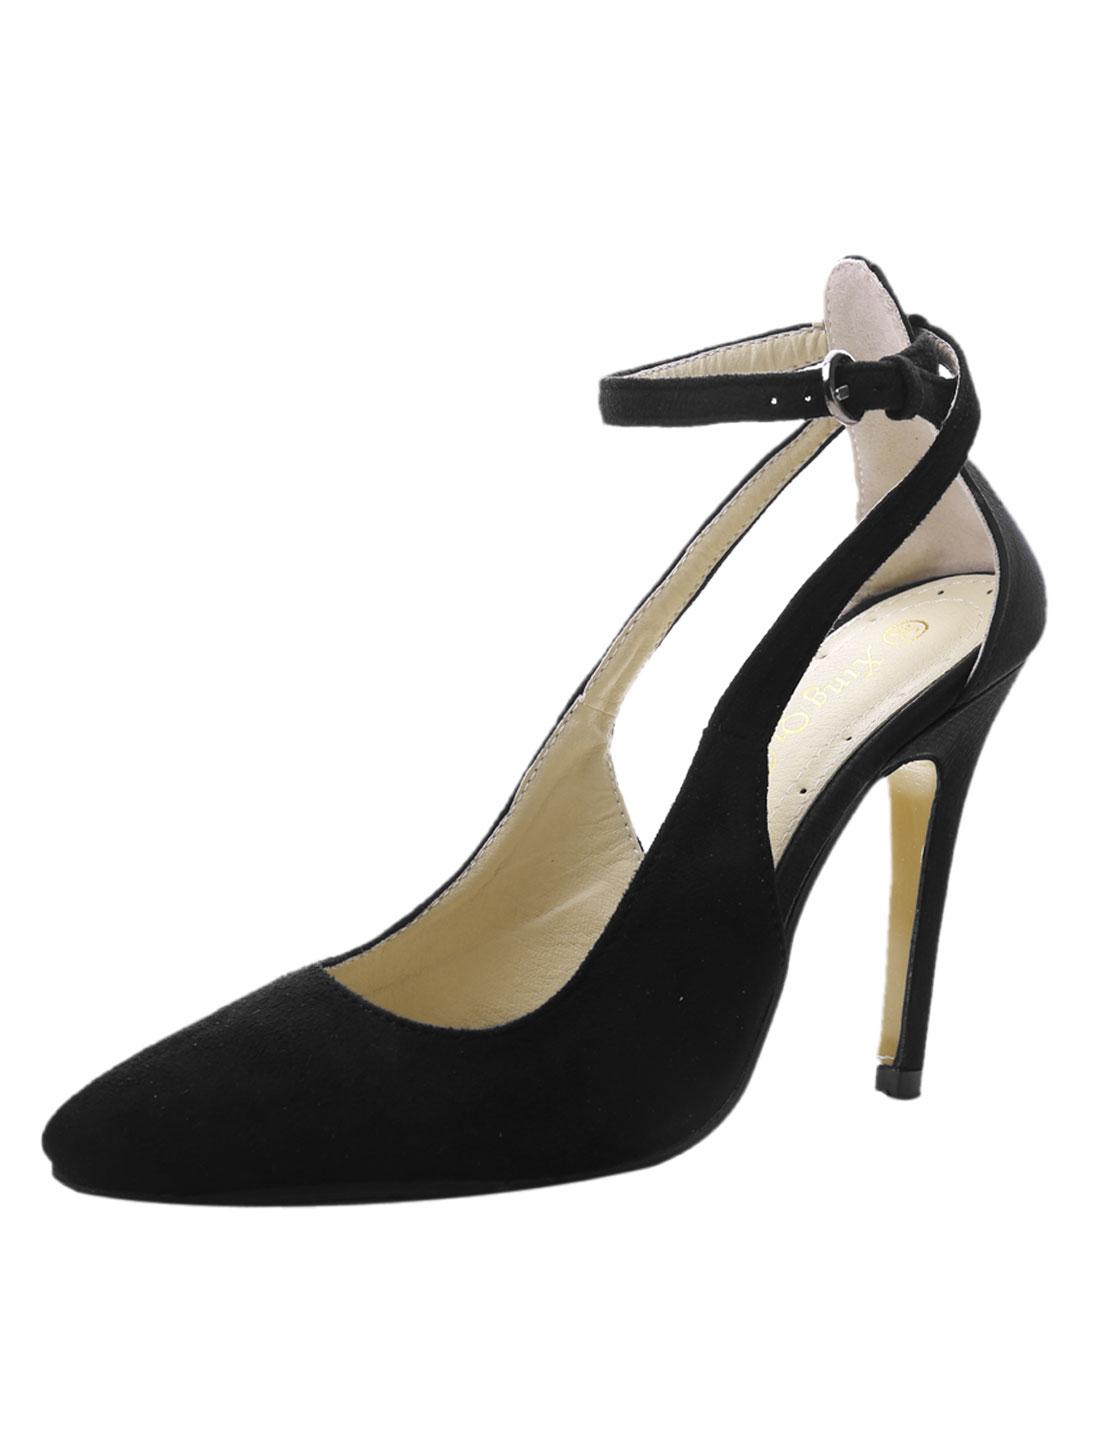 Ladies Pointed Toe Adjustable Ankle Strap Stiletto Heel Pumps Black US 5